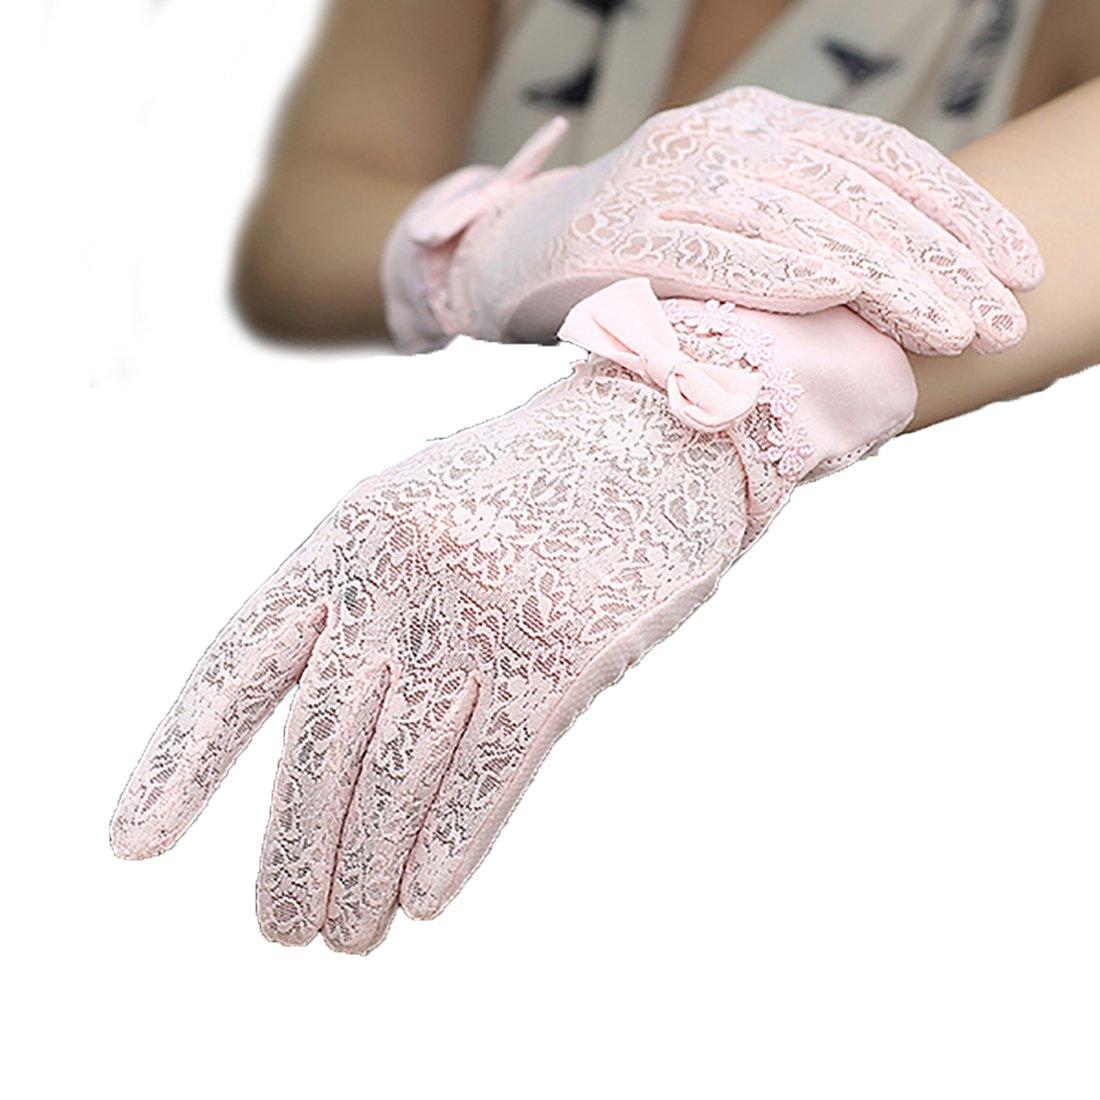 URSFUR Damen schickEe Hochwertige Netz Sommer Sonnenschutz Handschuhe Netzhandschuhe spitzenhandschuhe Fahrradhandschuhe mit Schmetterling